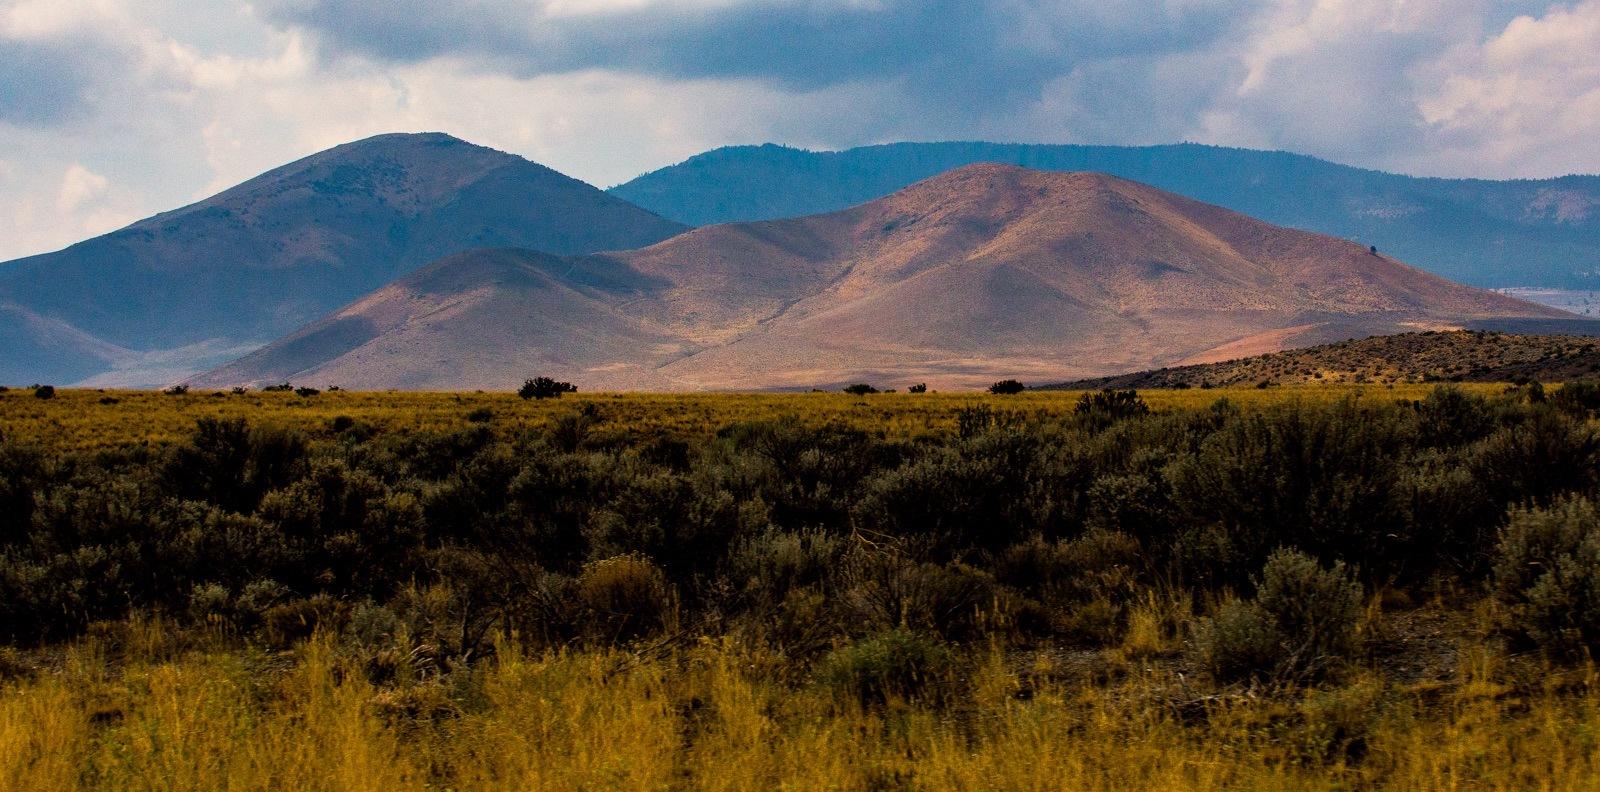 Prairies End by West Phot